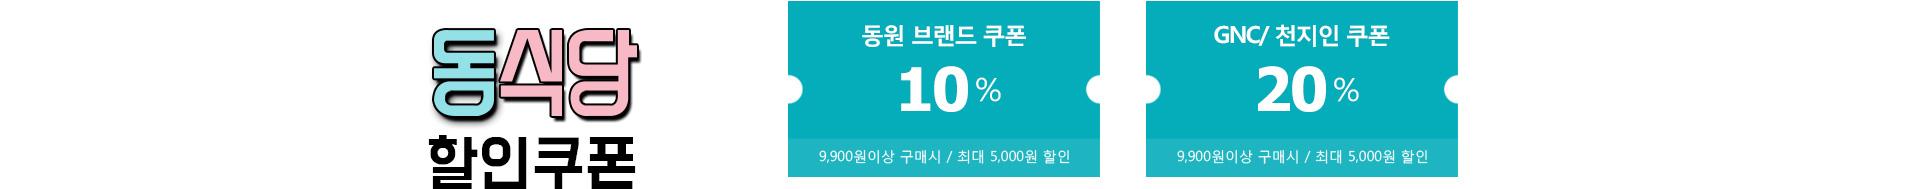 동식당 할인쿠폰 동원상품할인쿠폰 10% / 밴드쿨밴드장바구니쿠폰 3,000원